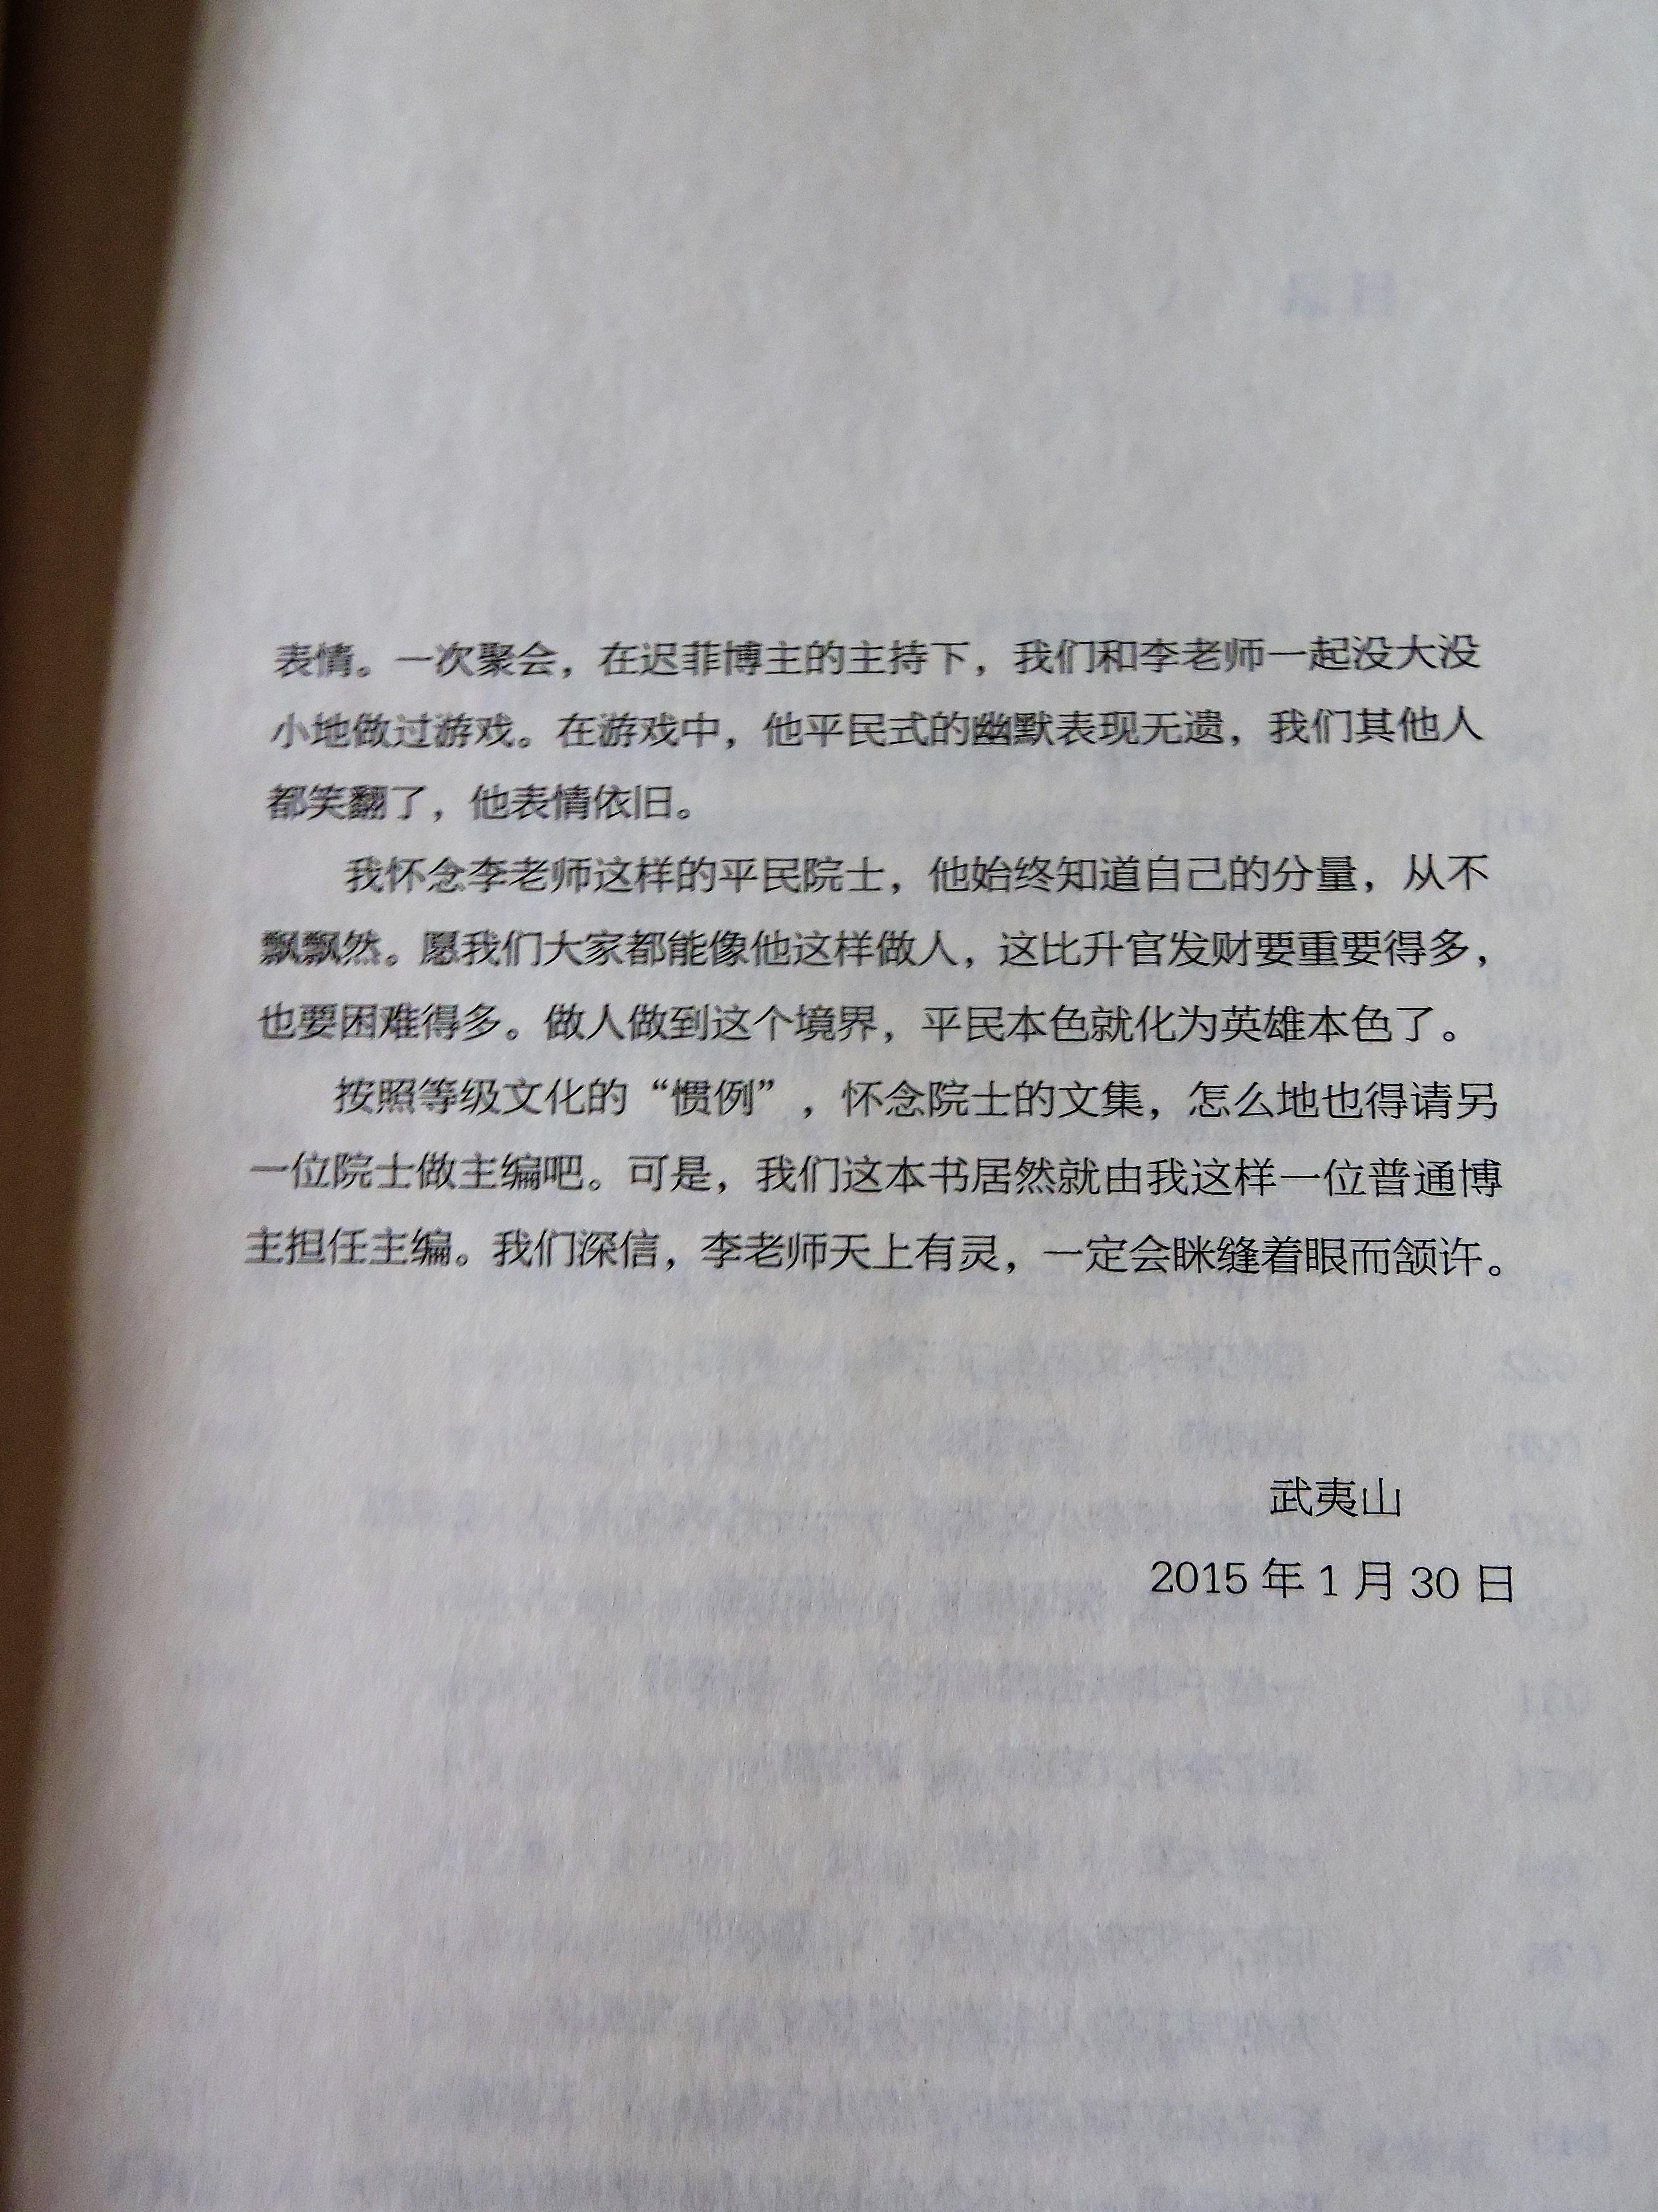 9 DSCN8683.jpg